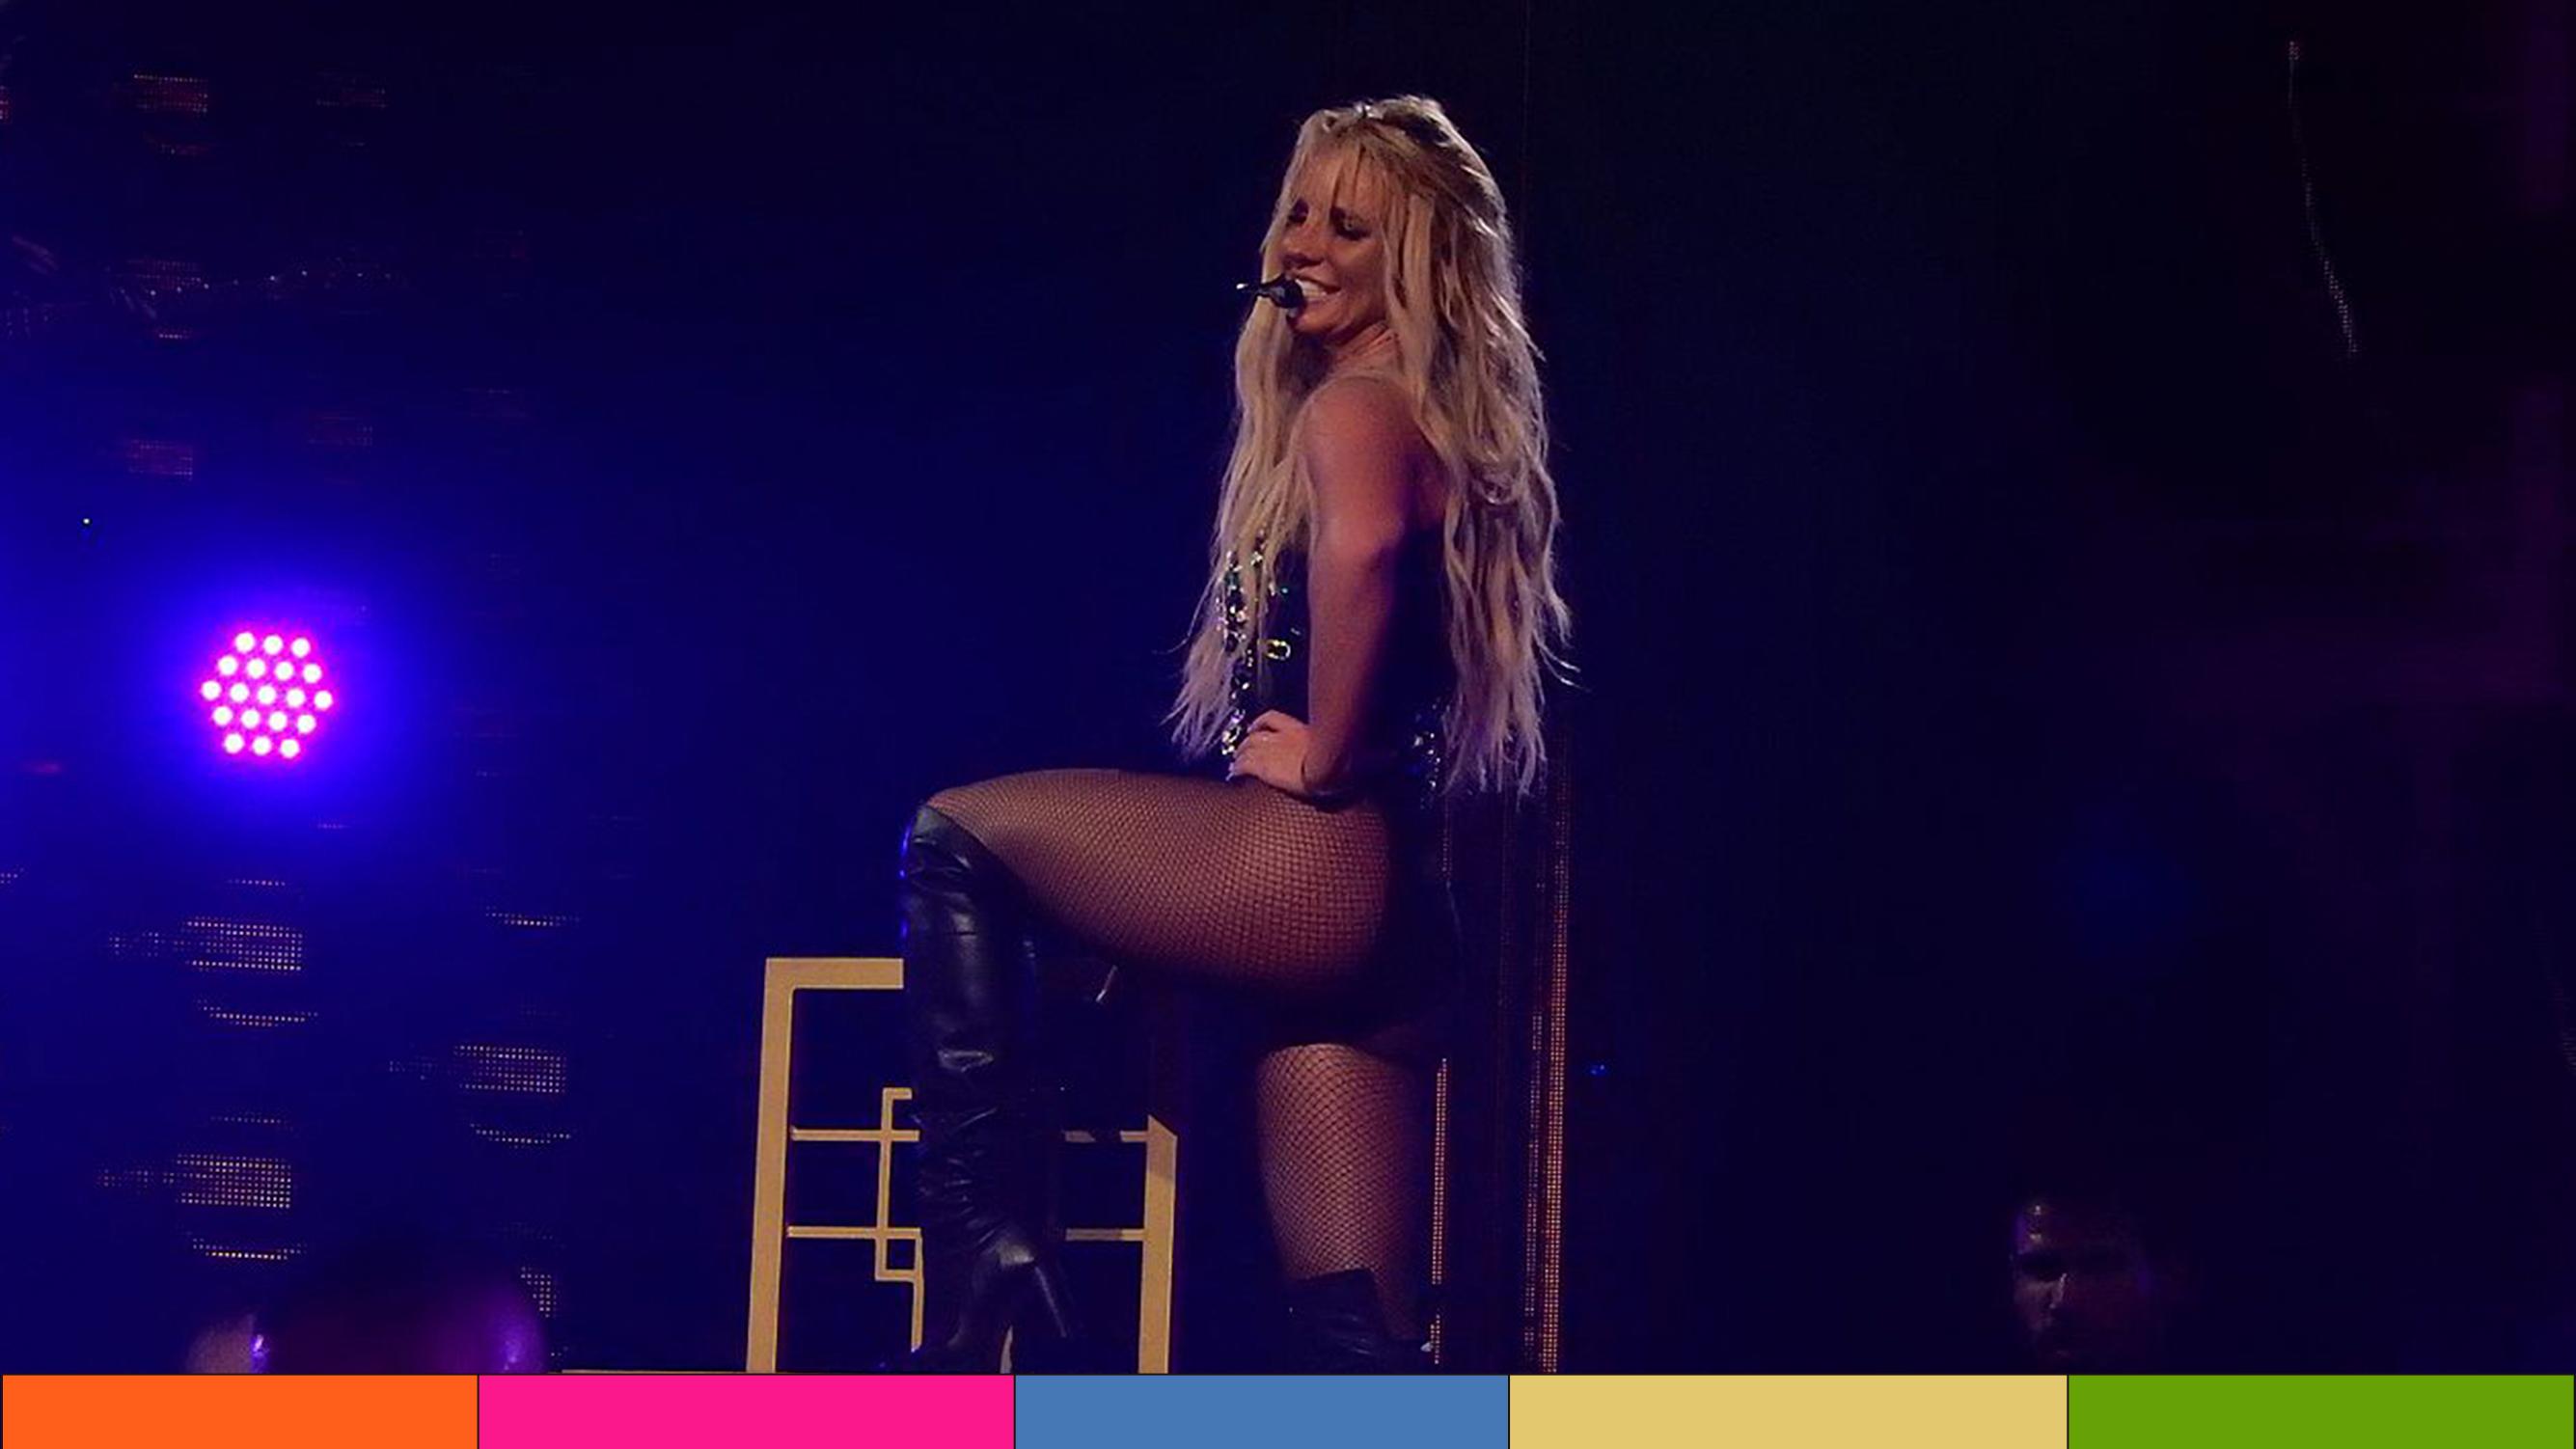 Estrenarán musical con canciones de Britney Spears